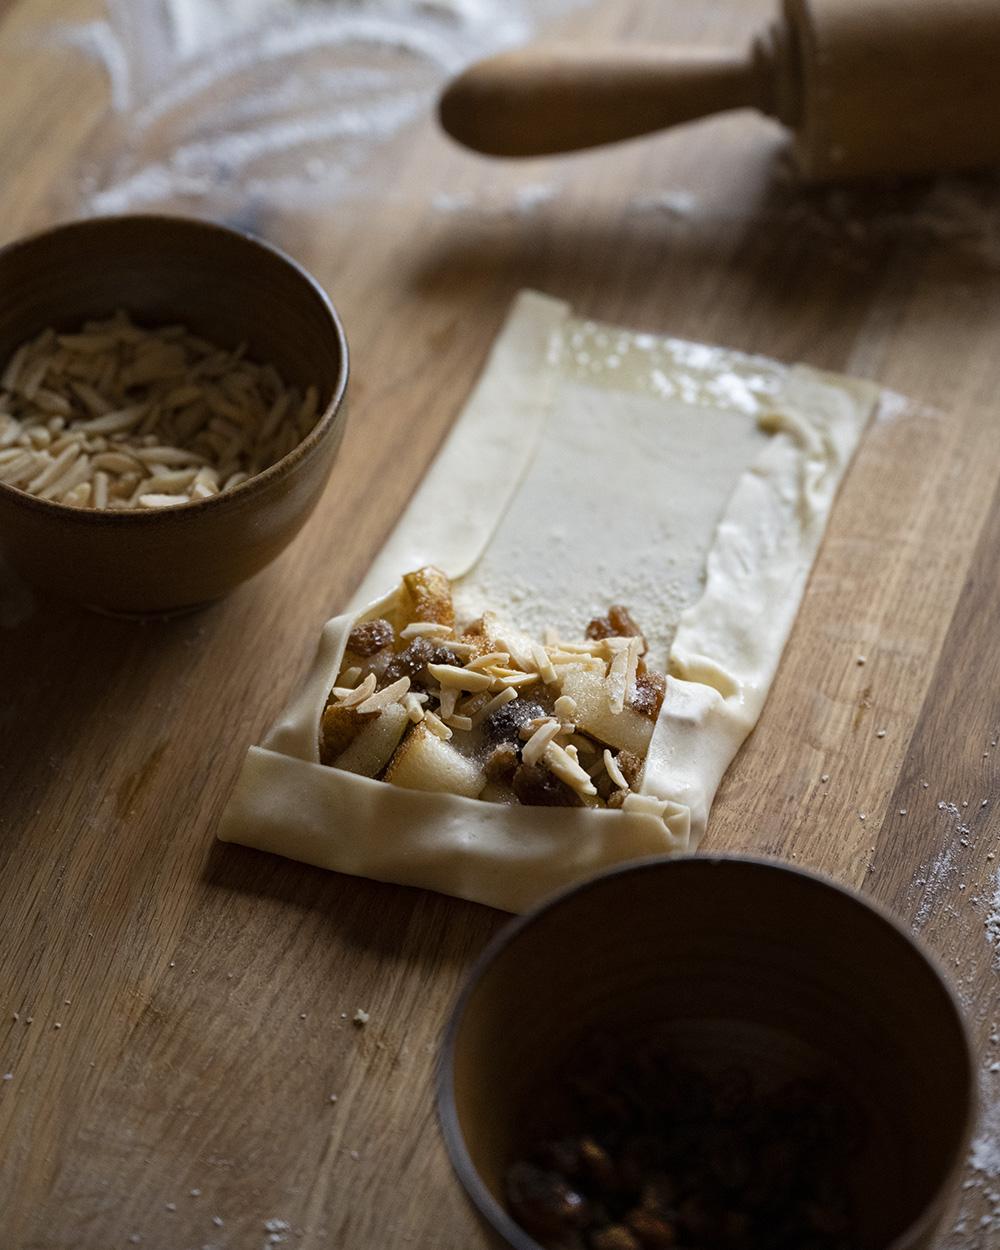 Wir haben die Ränder des Filoteigs mit Butter eingestrichen und wickeln gleich die Füllung, die im Teig liegt, in den Teig ein.